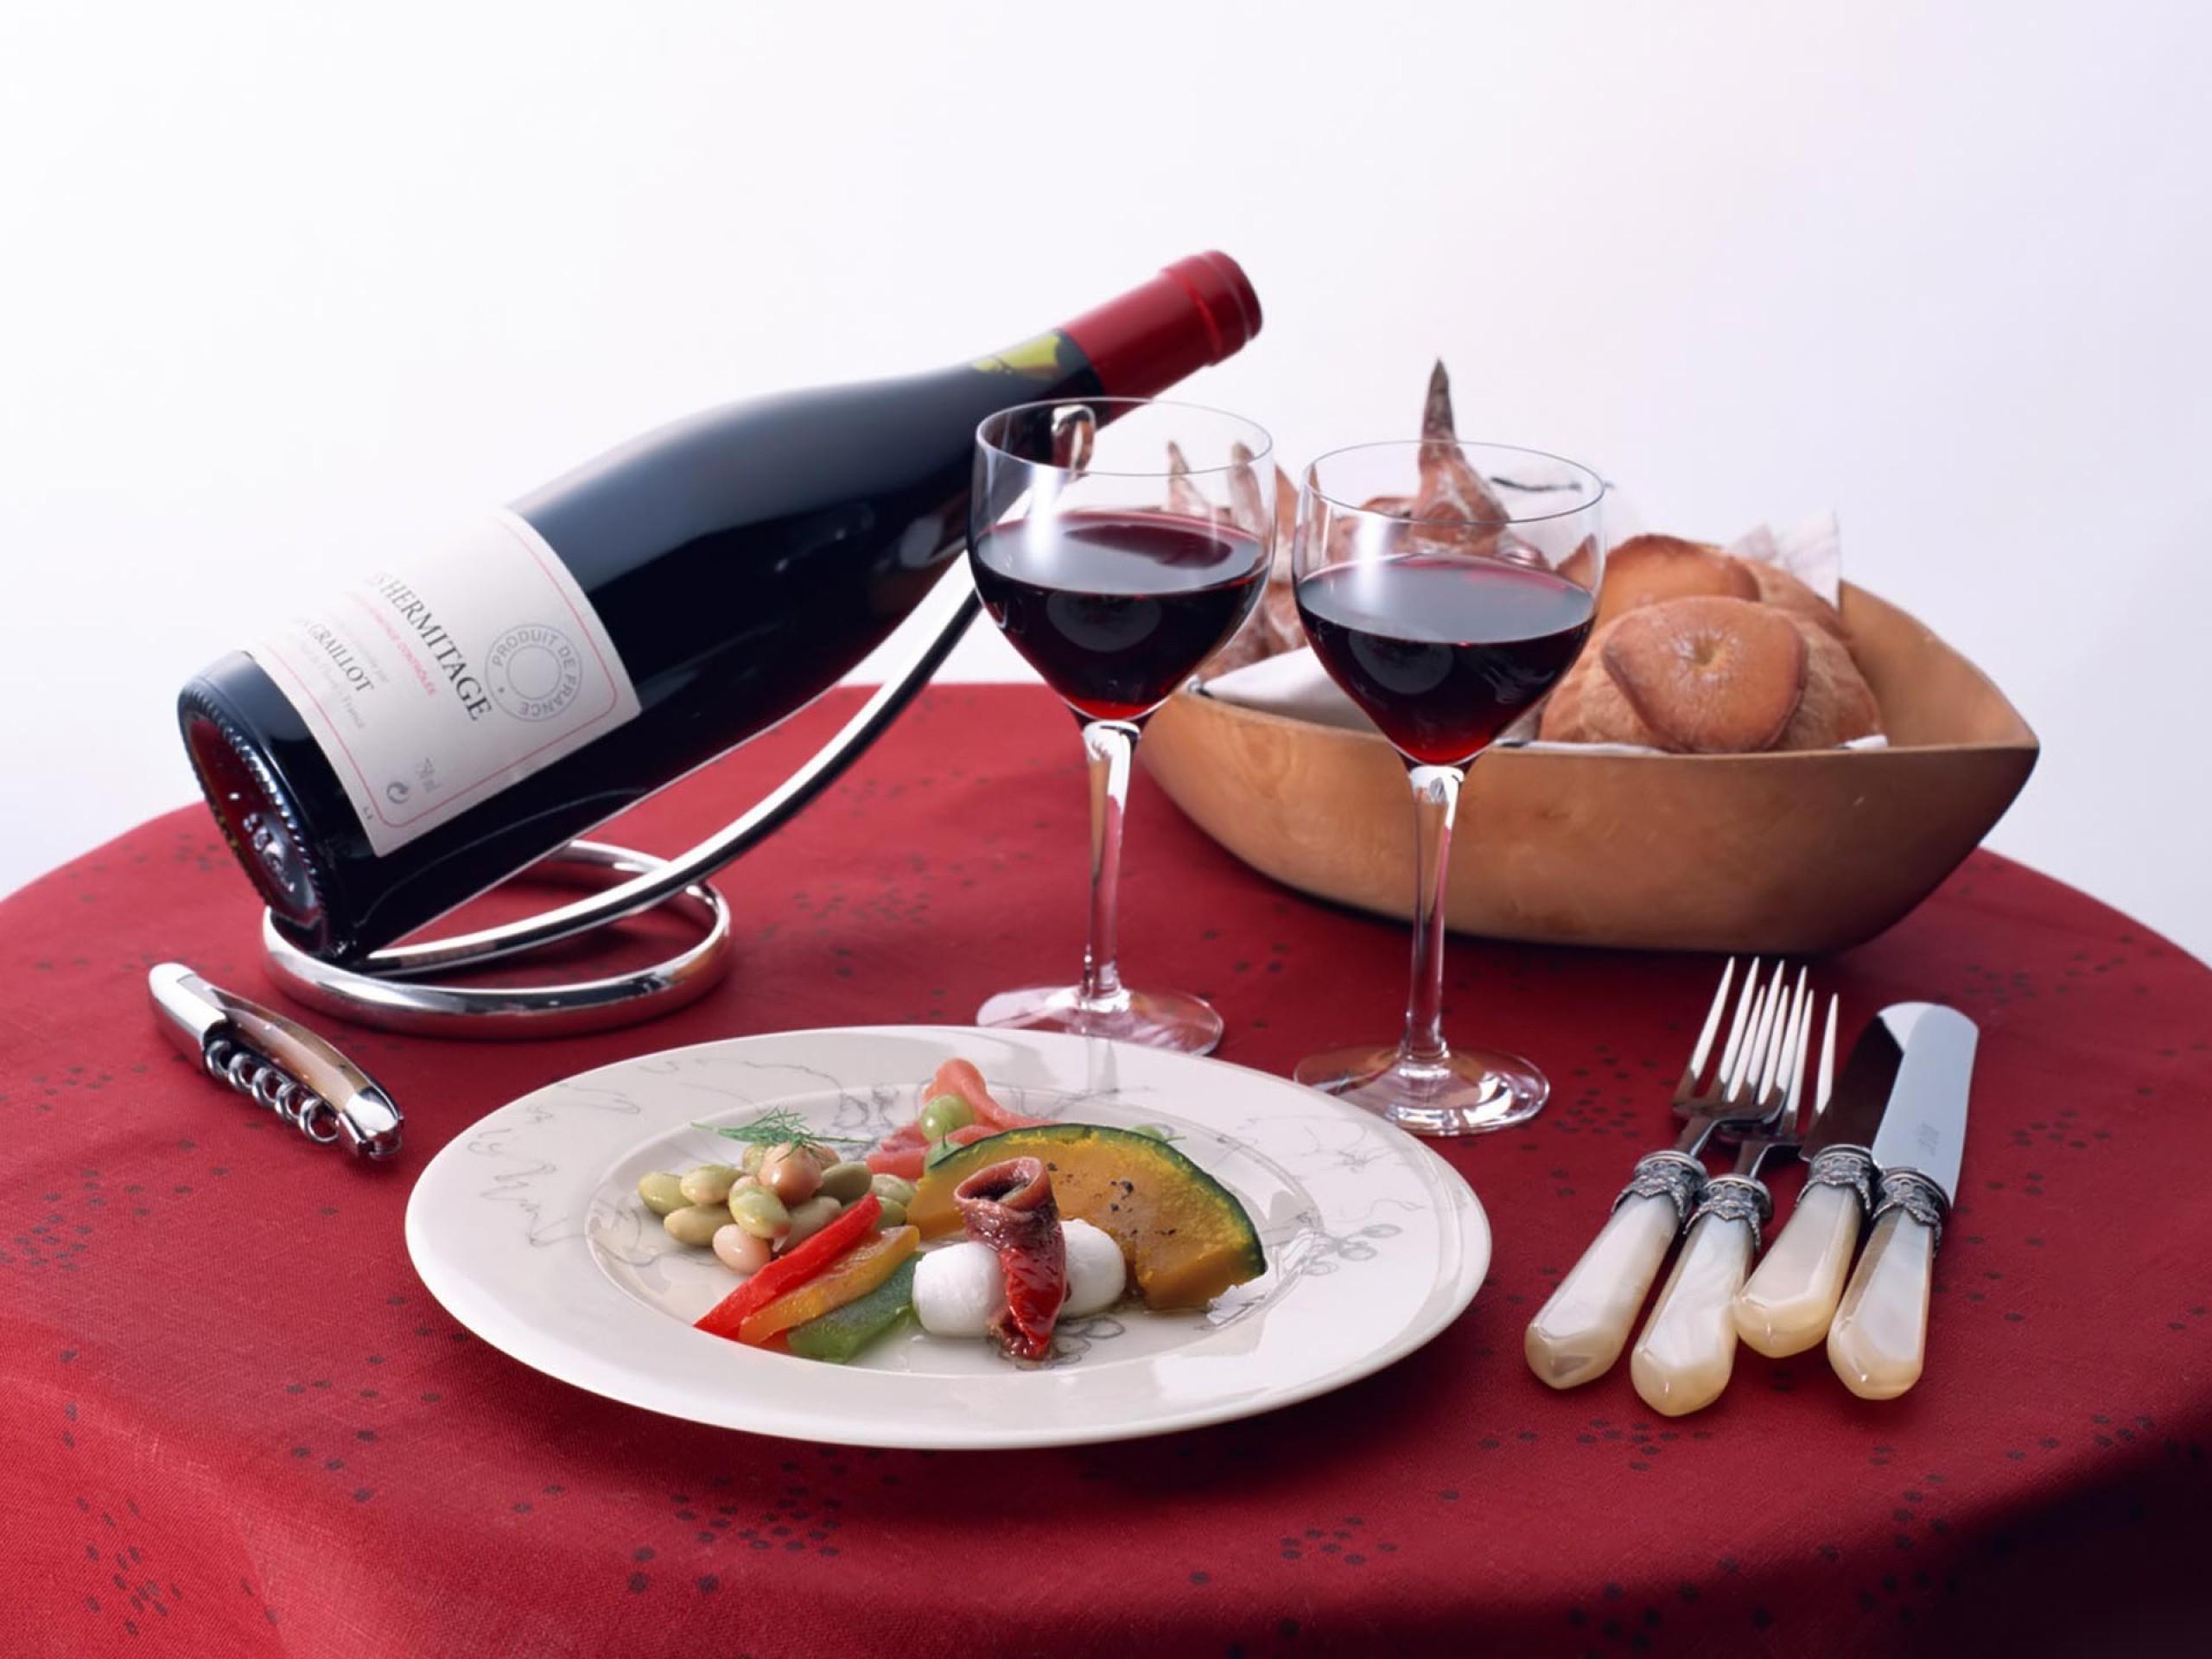 ужин стол комната  № 1726300 загрузить